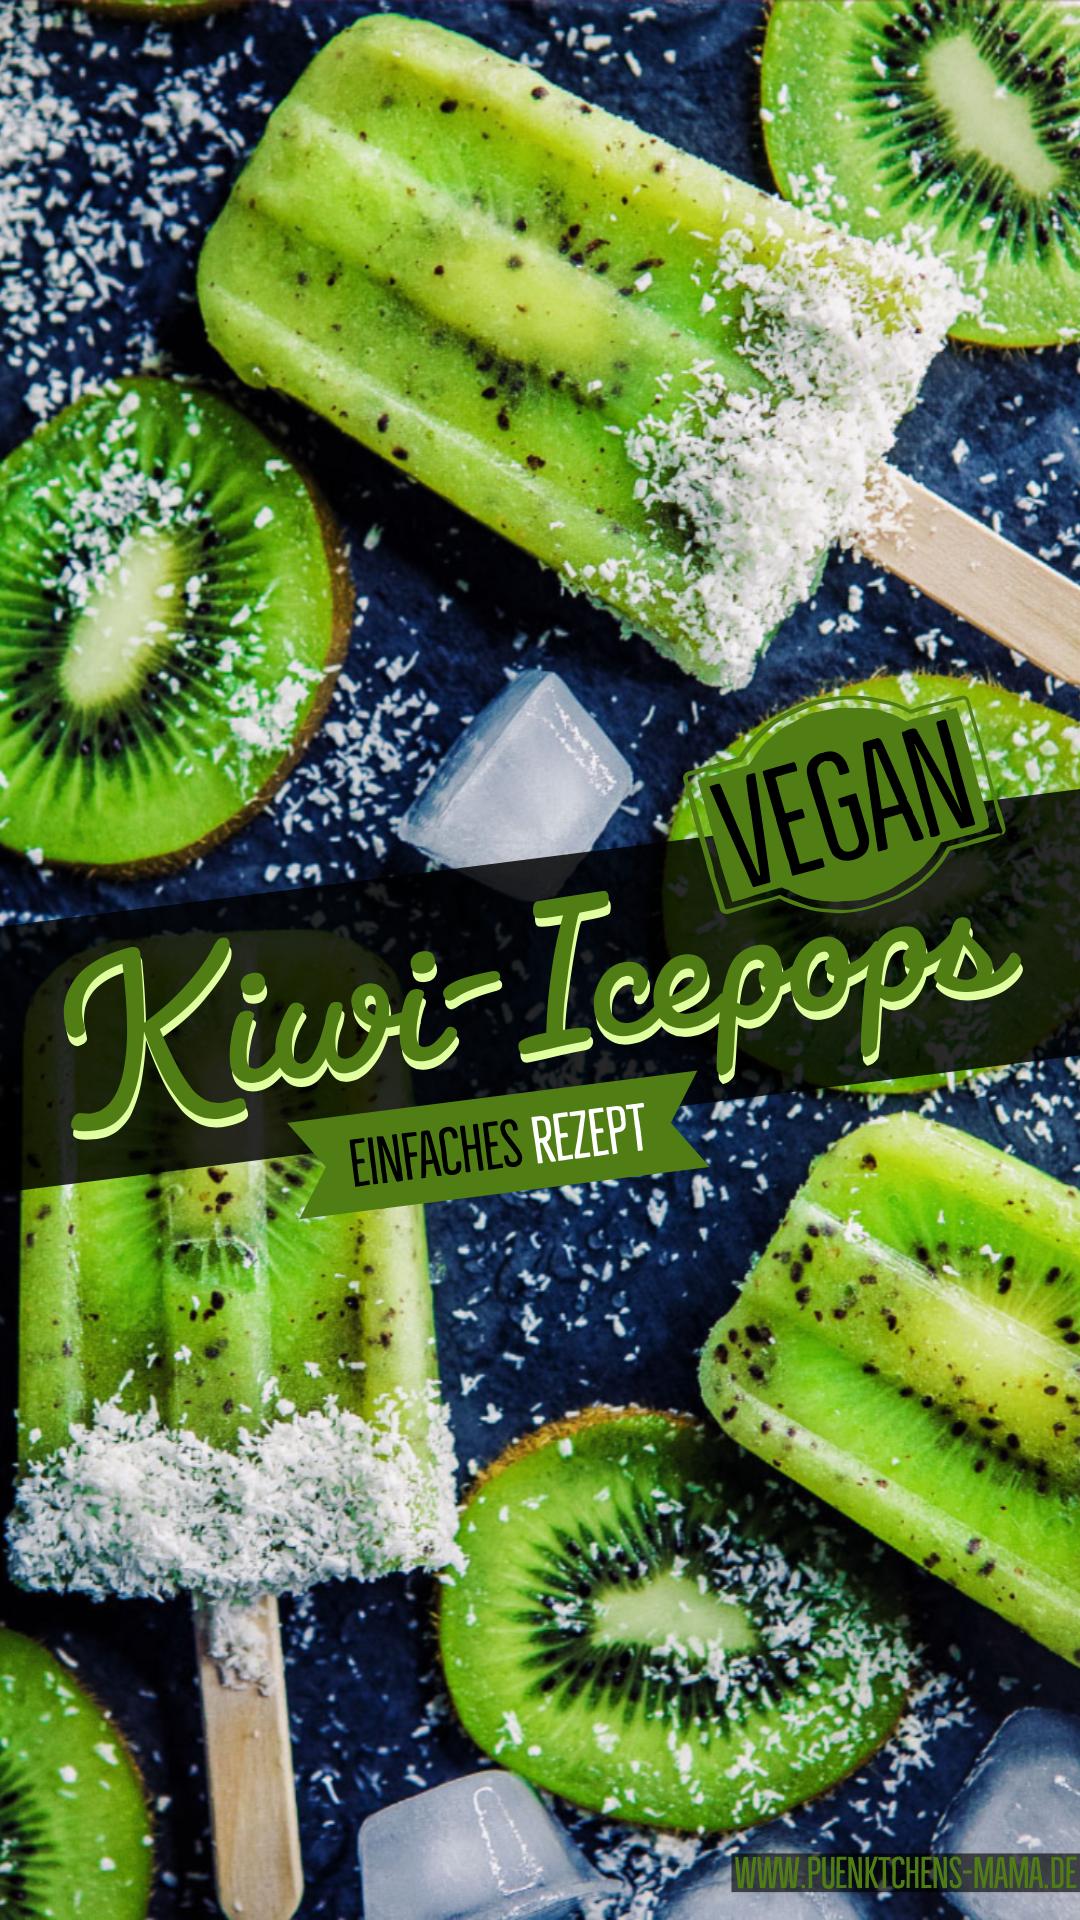 Kiwi-Icepops einfaches Rezept für super fruchtige Icepops